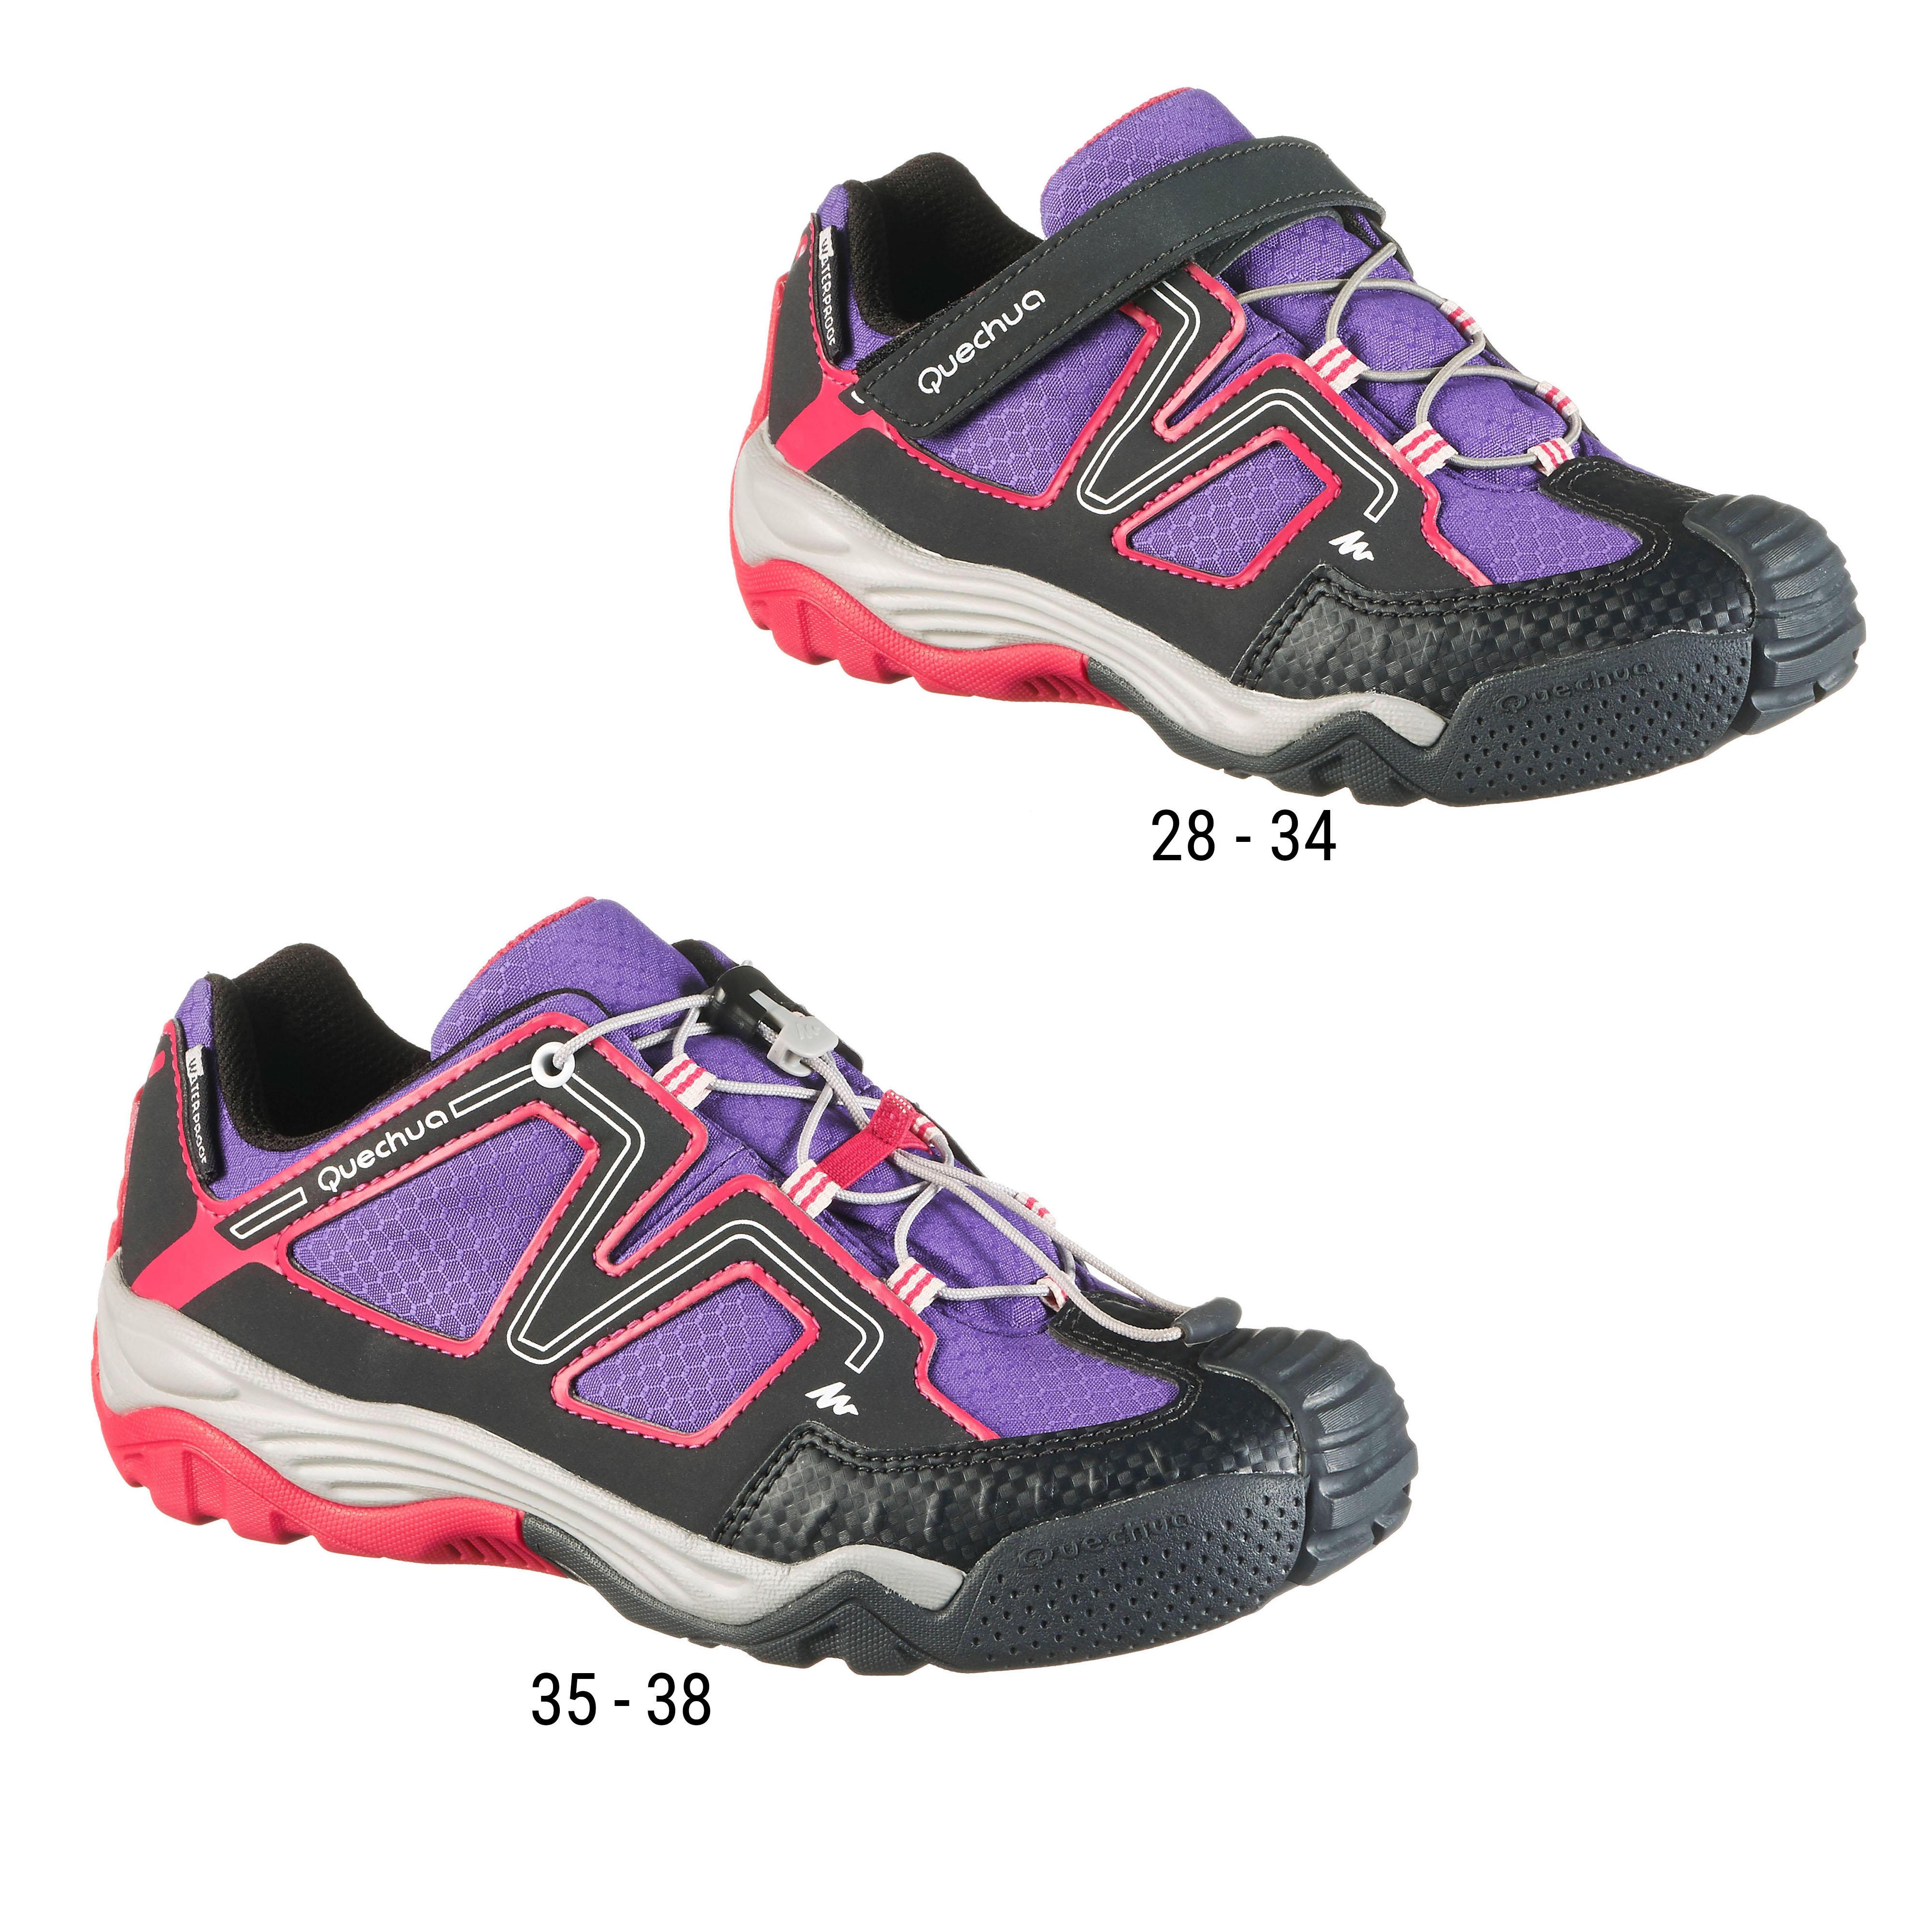 Quechua chaussures de randonn e enfant crossrock - Decathlon chaussures enfant ...